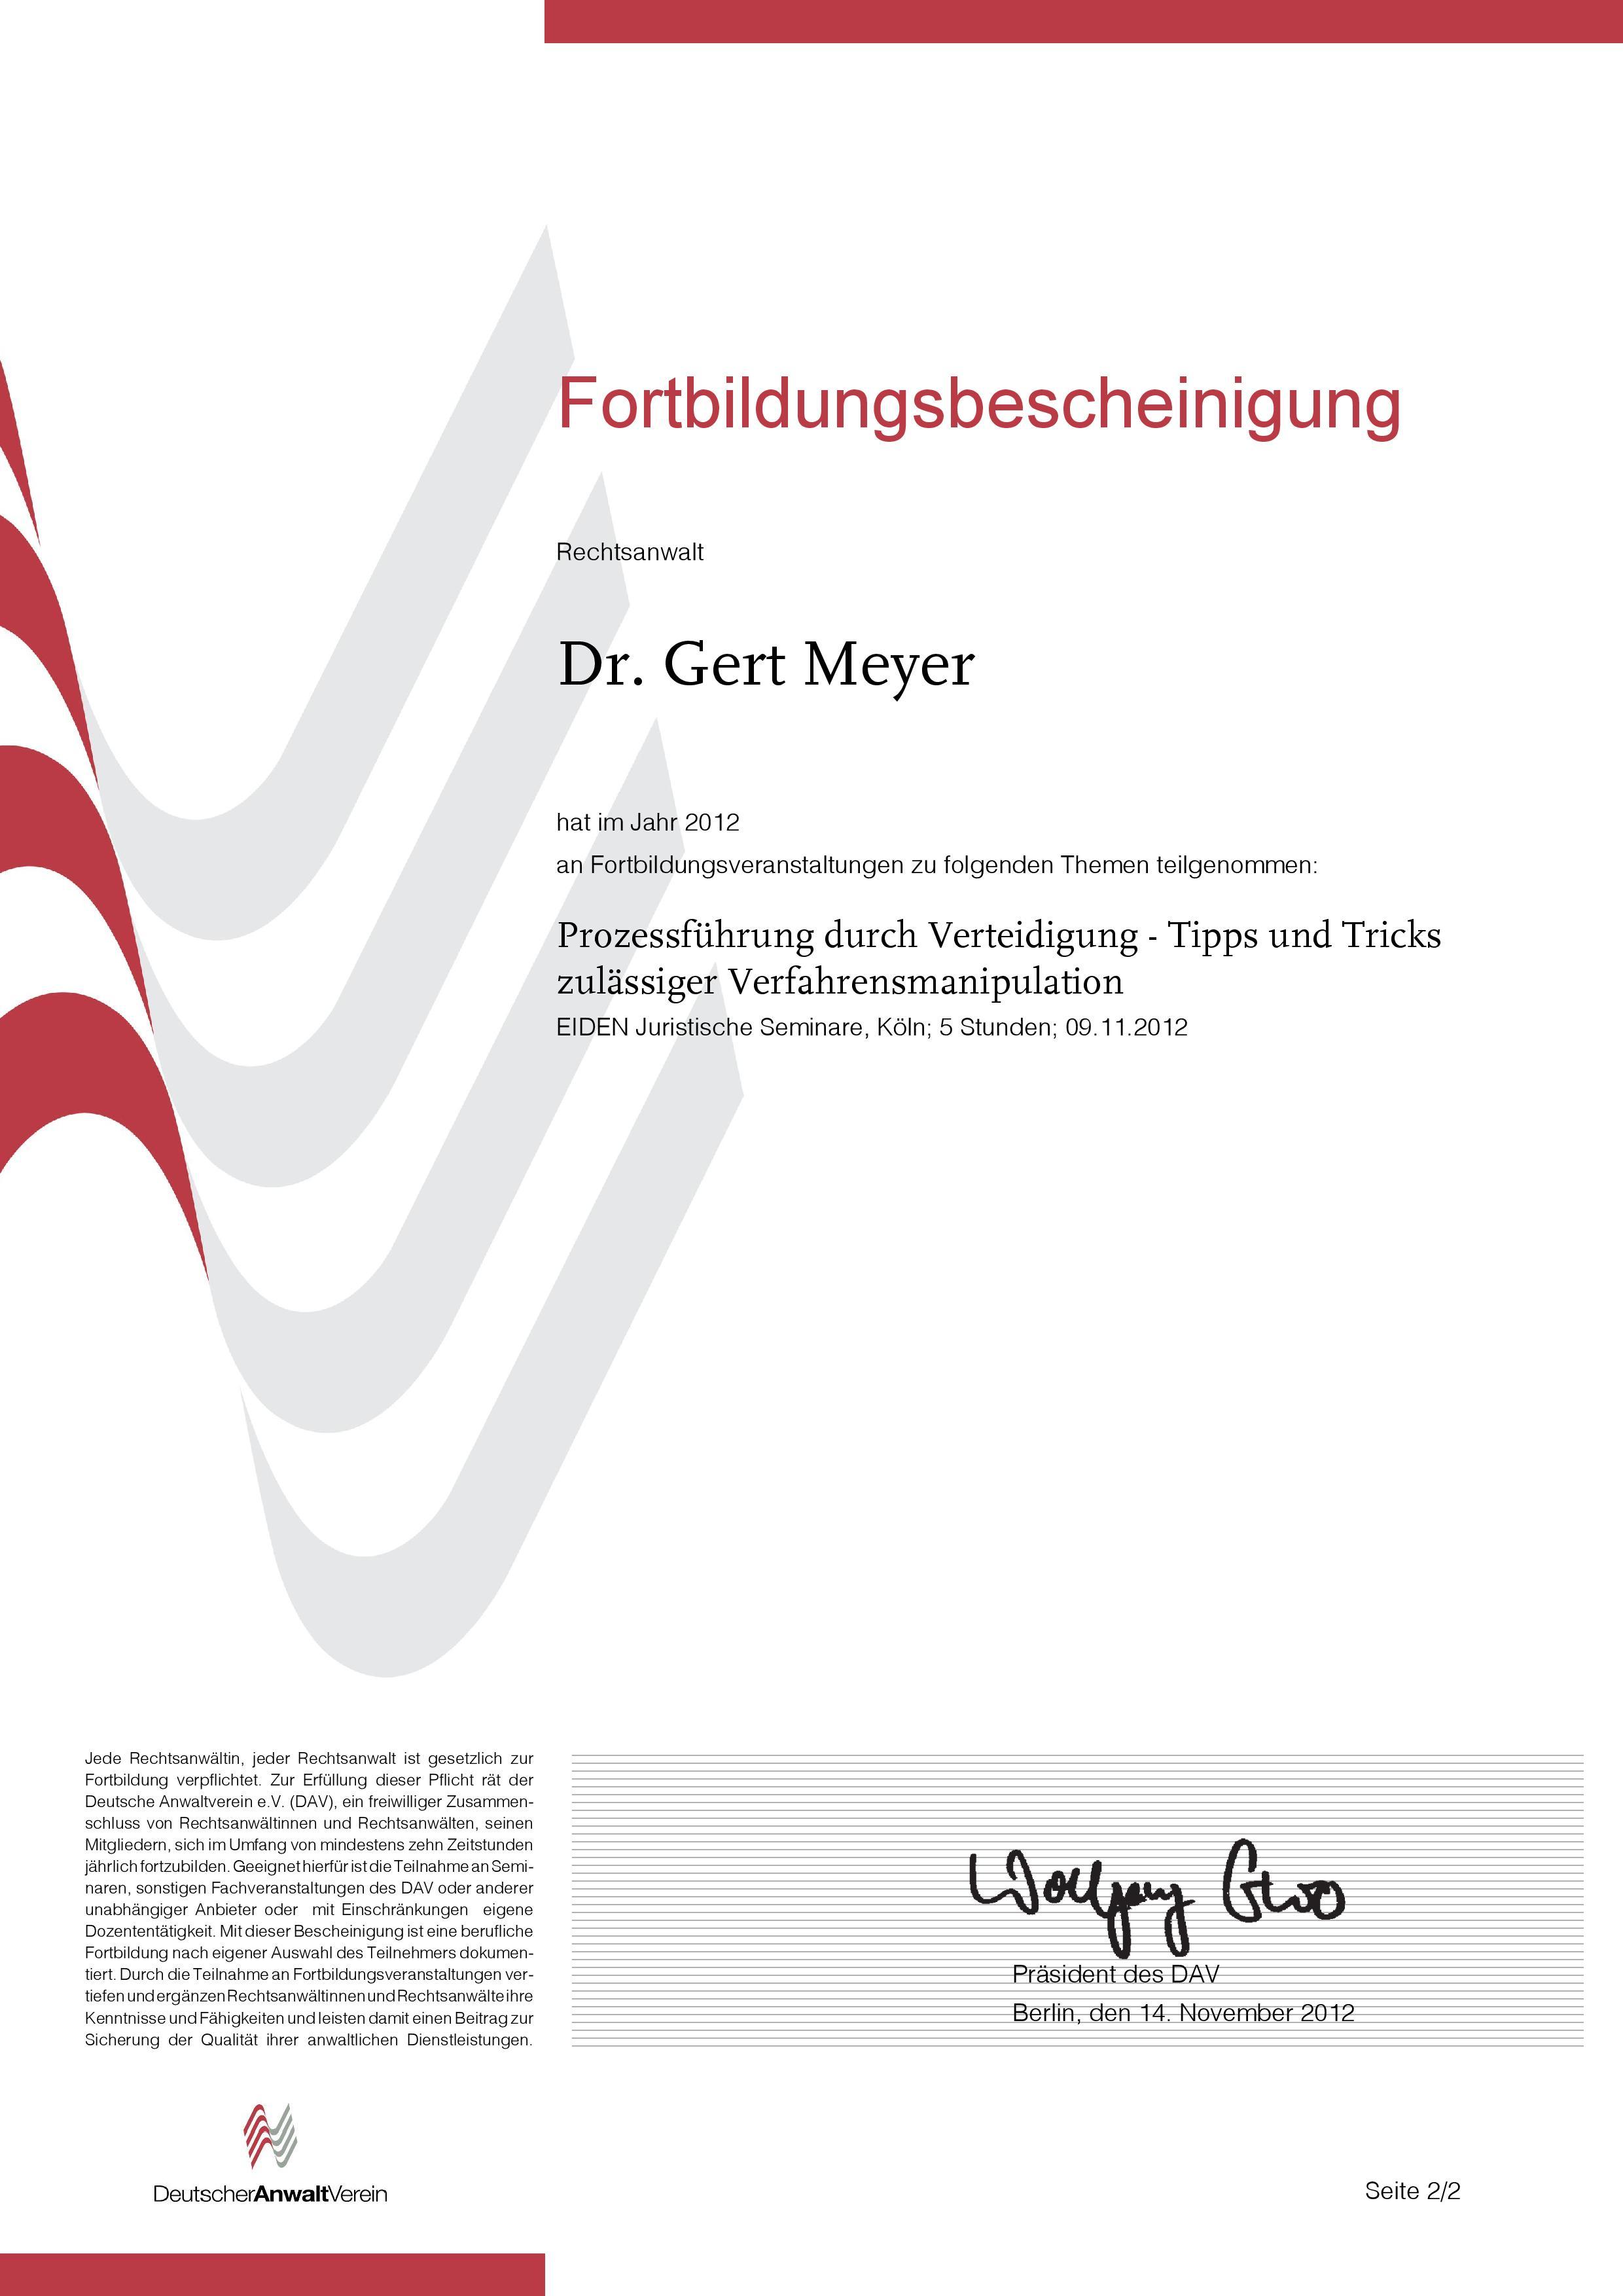 Fortbildungsbescheinigung12-page-002